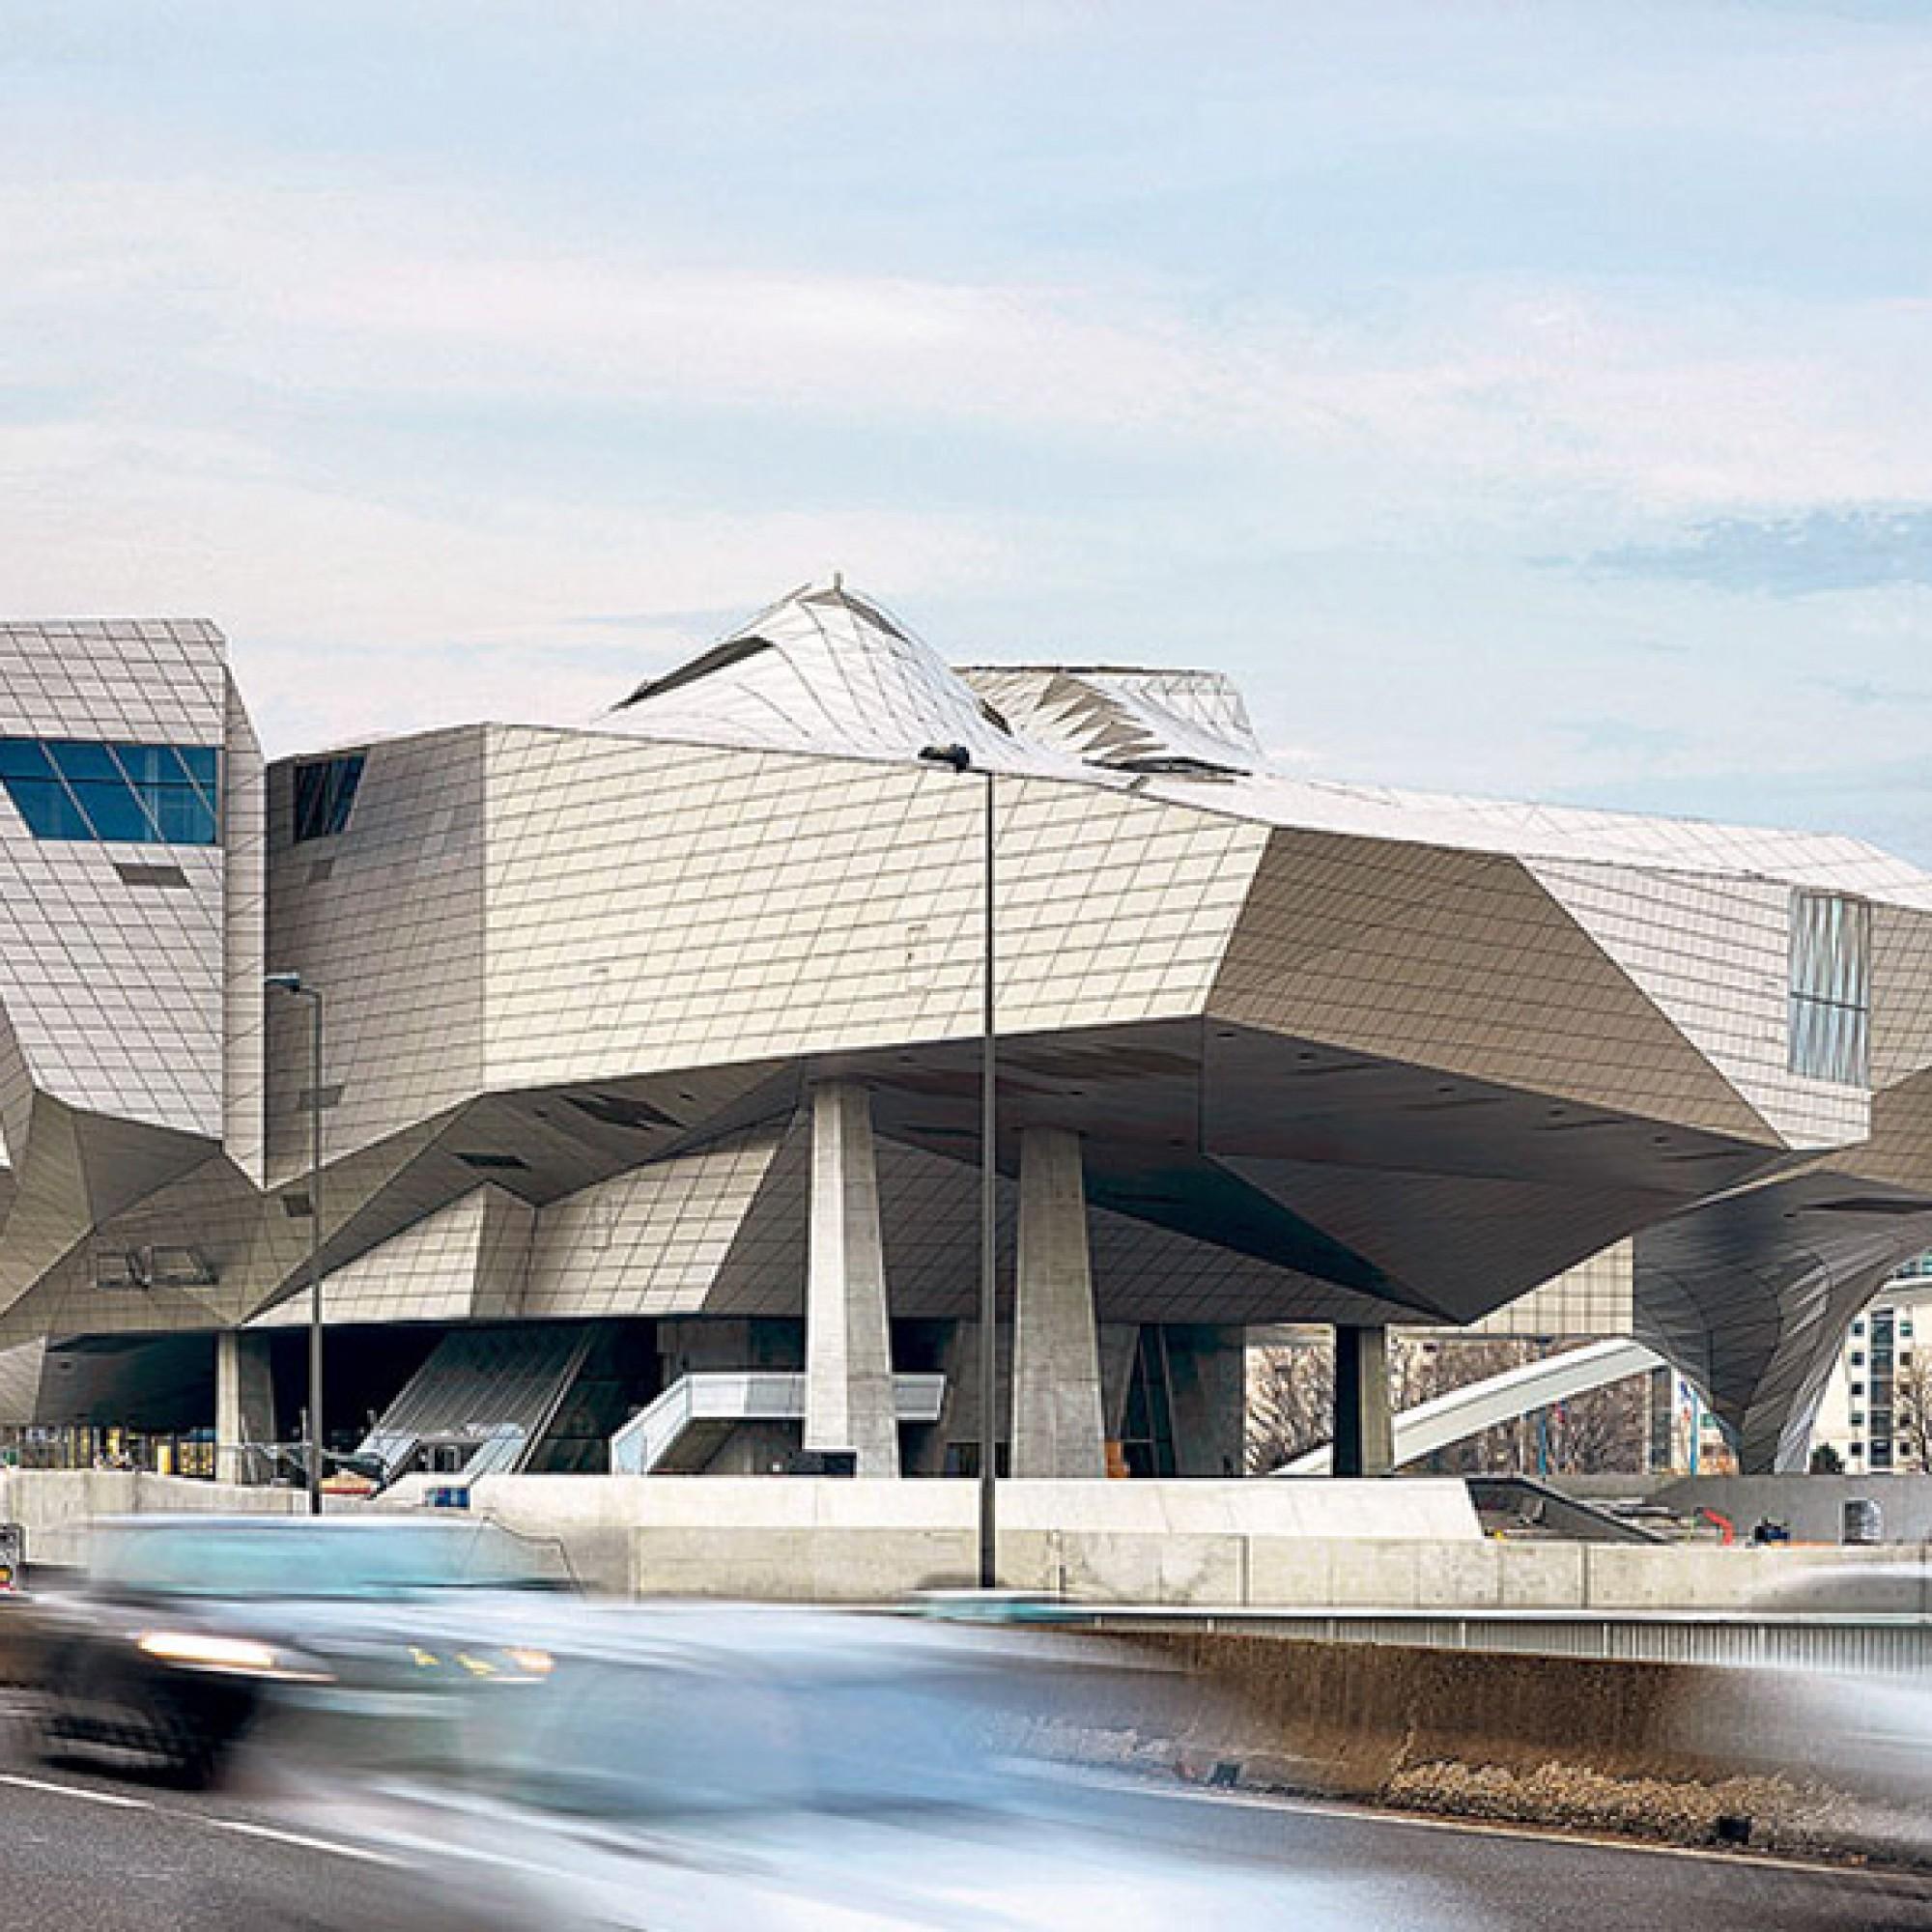 Das musée de confluences, Visualisierung (Coop Himmelb(l)au)